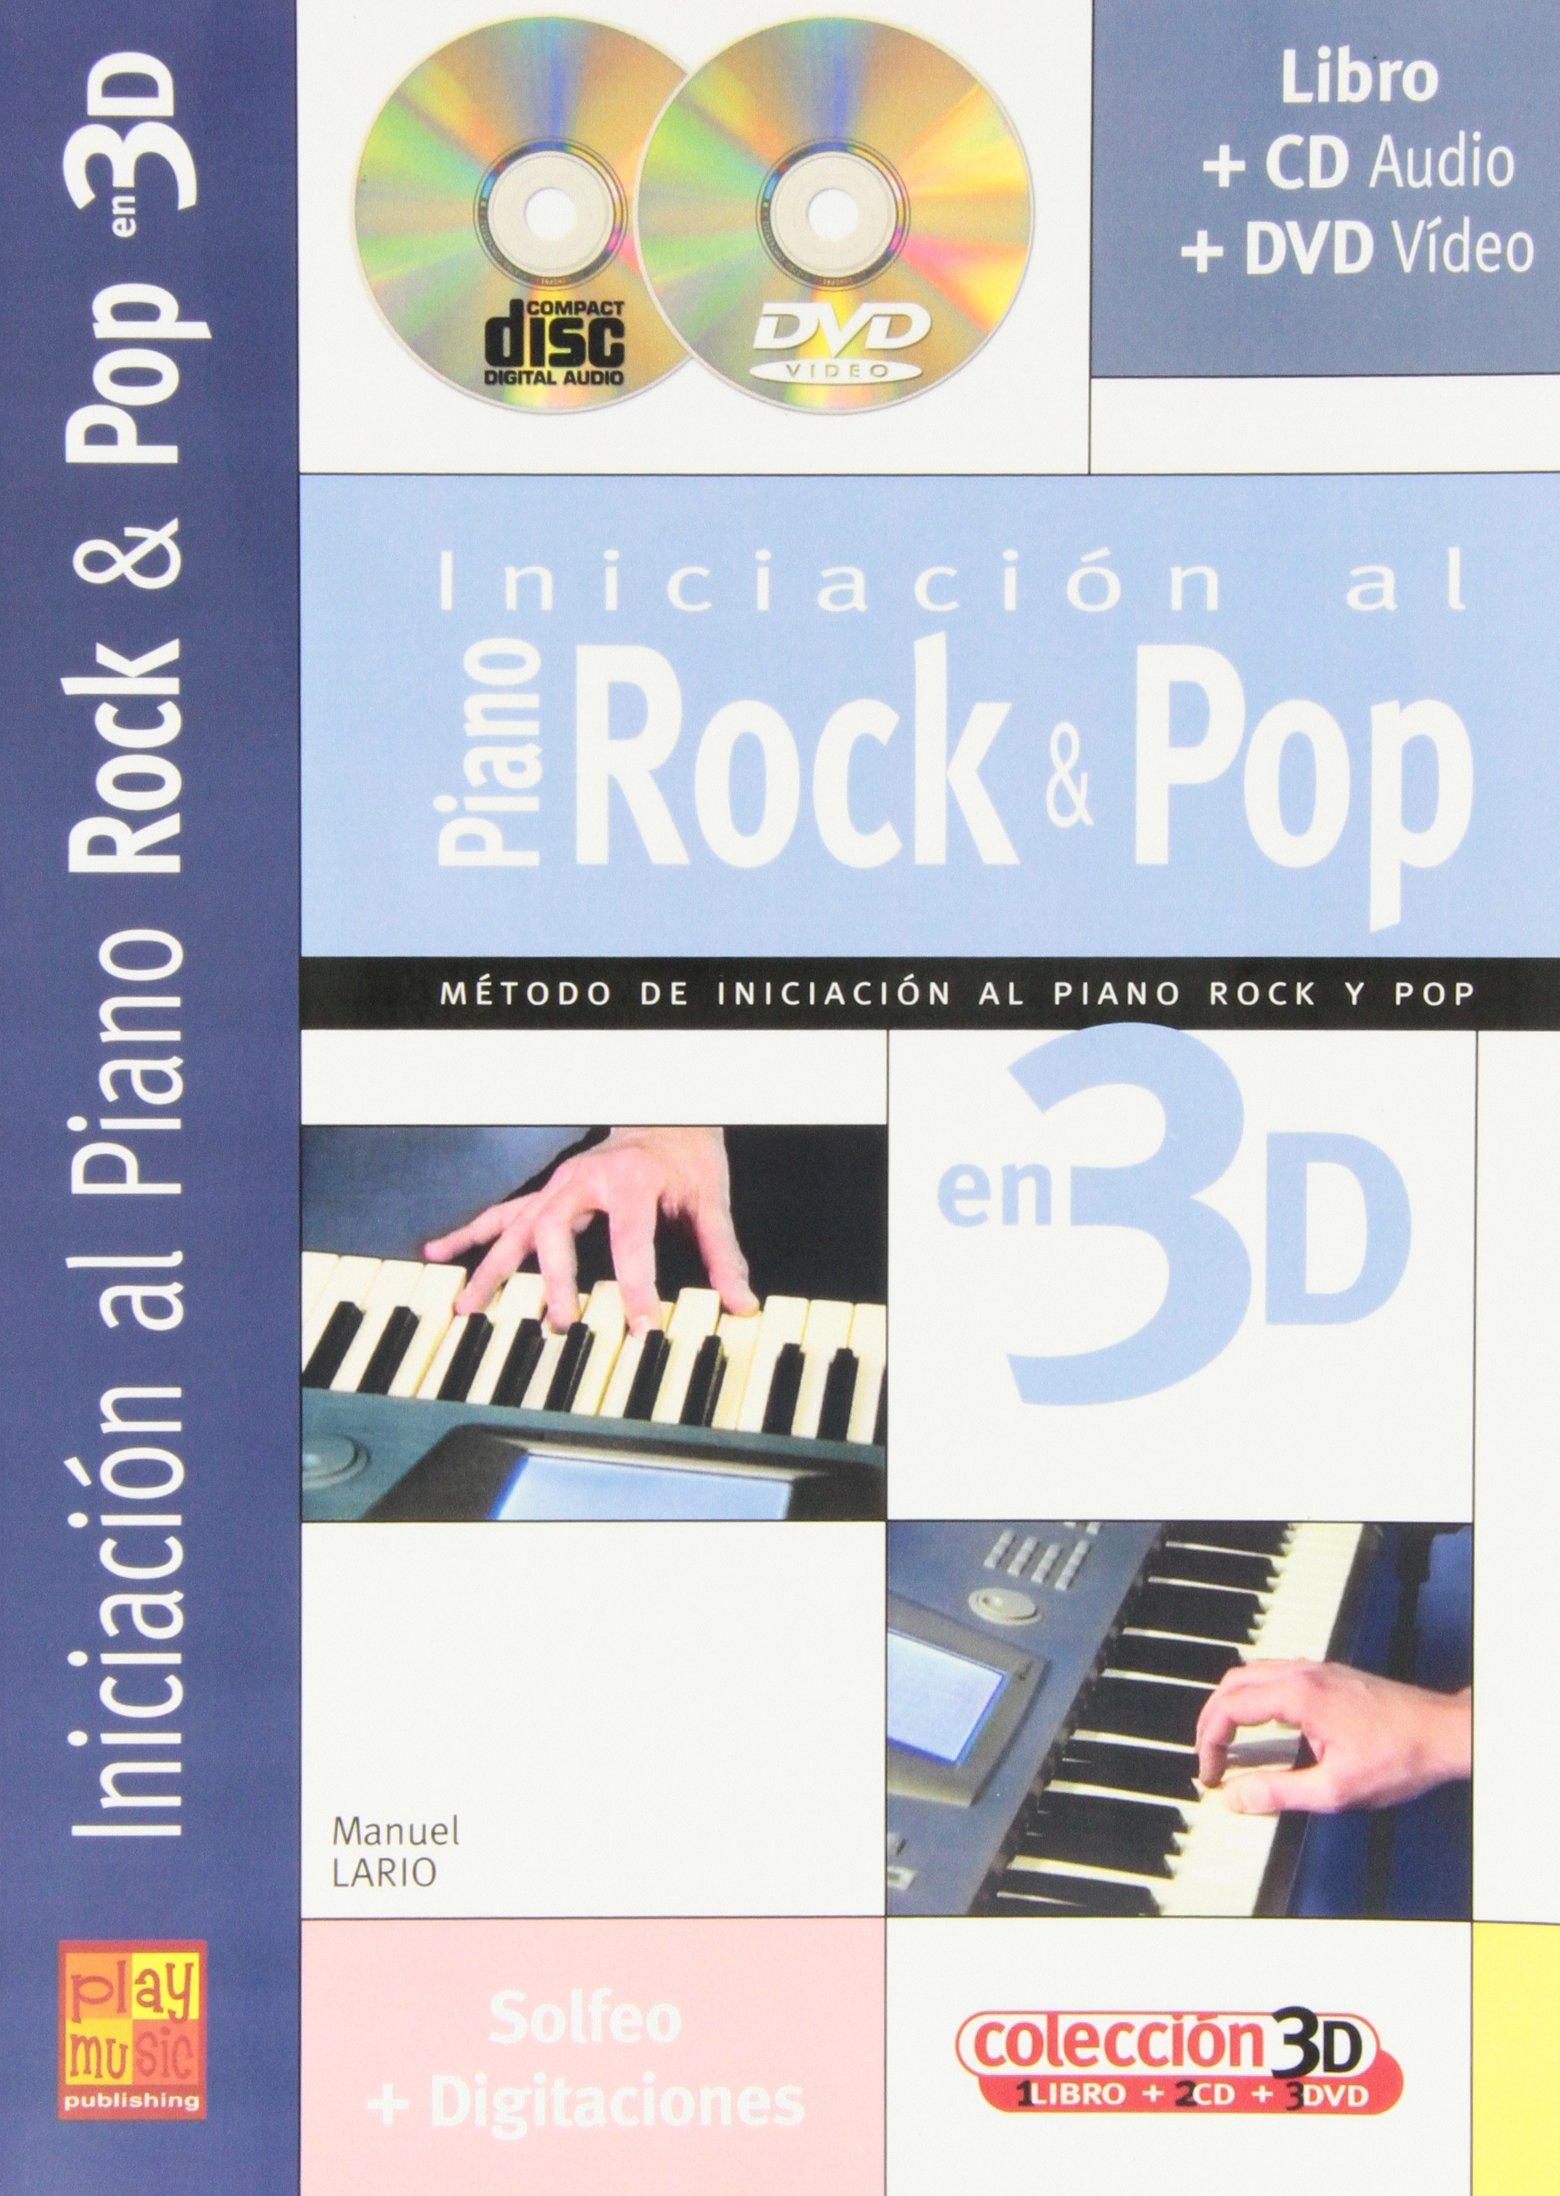 LARIO M. - Iniciacion al Piano Rock y Pop en 3D (Inc.DVD y CD) ebook